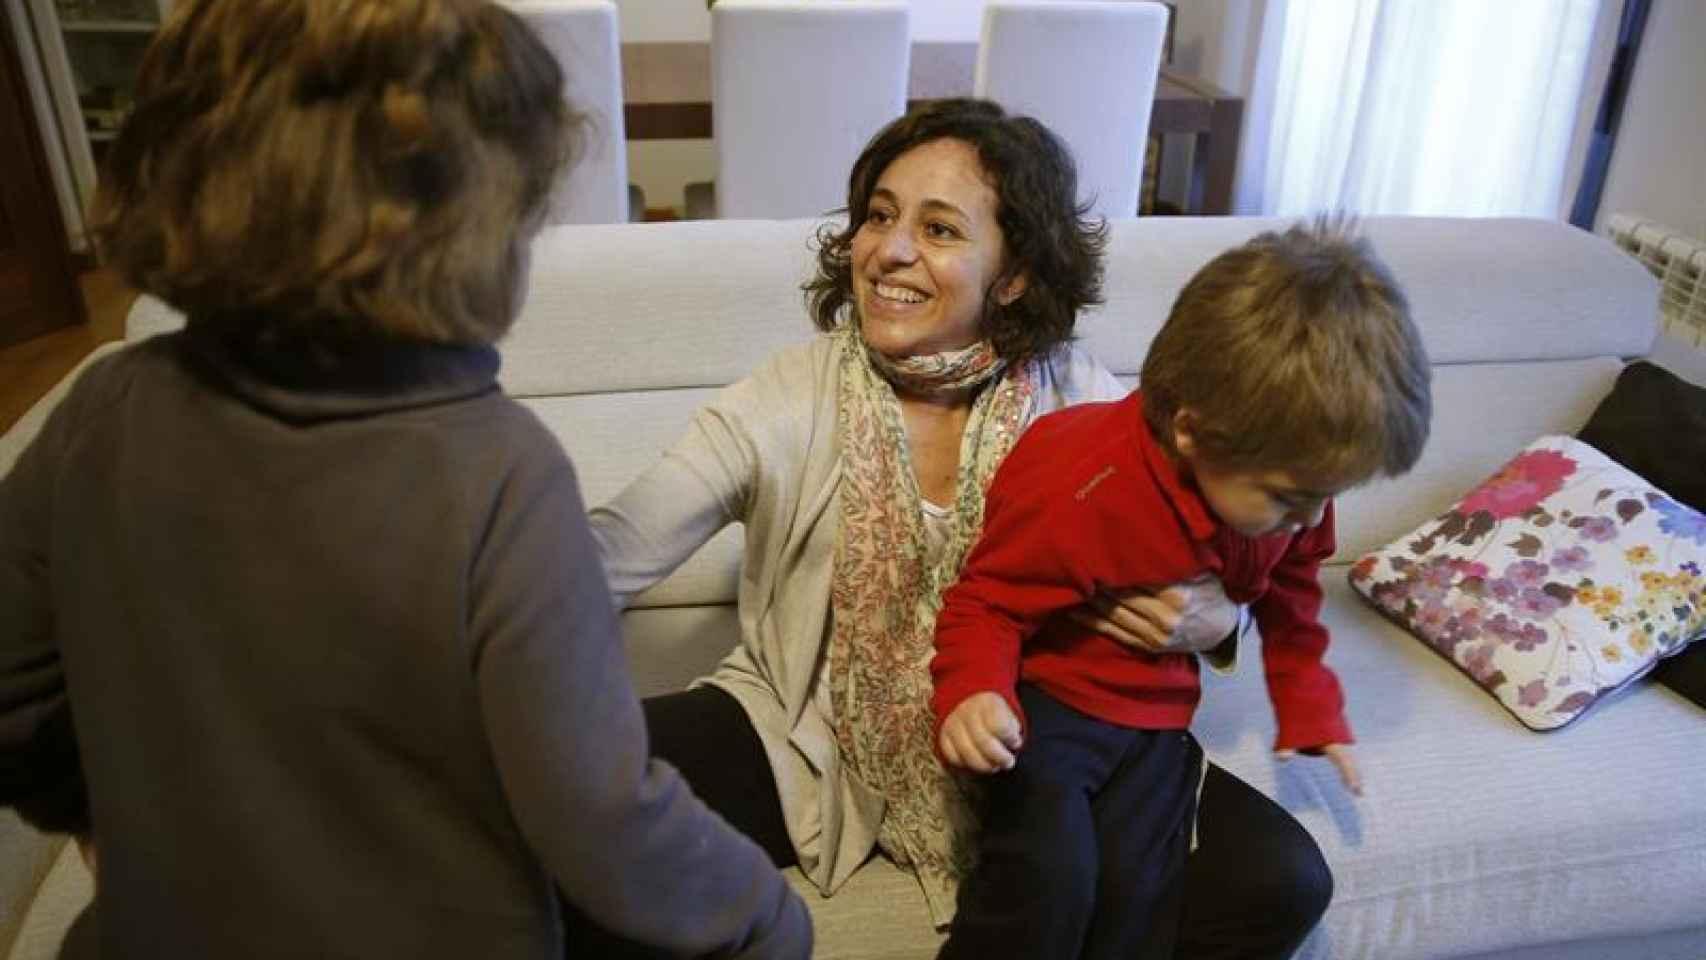 Manuela y Pablo, dos hermanos afectados por el Síndrome de Sanfilippo.